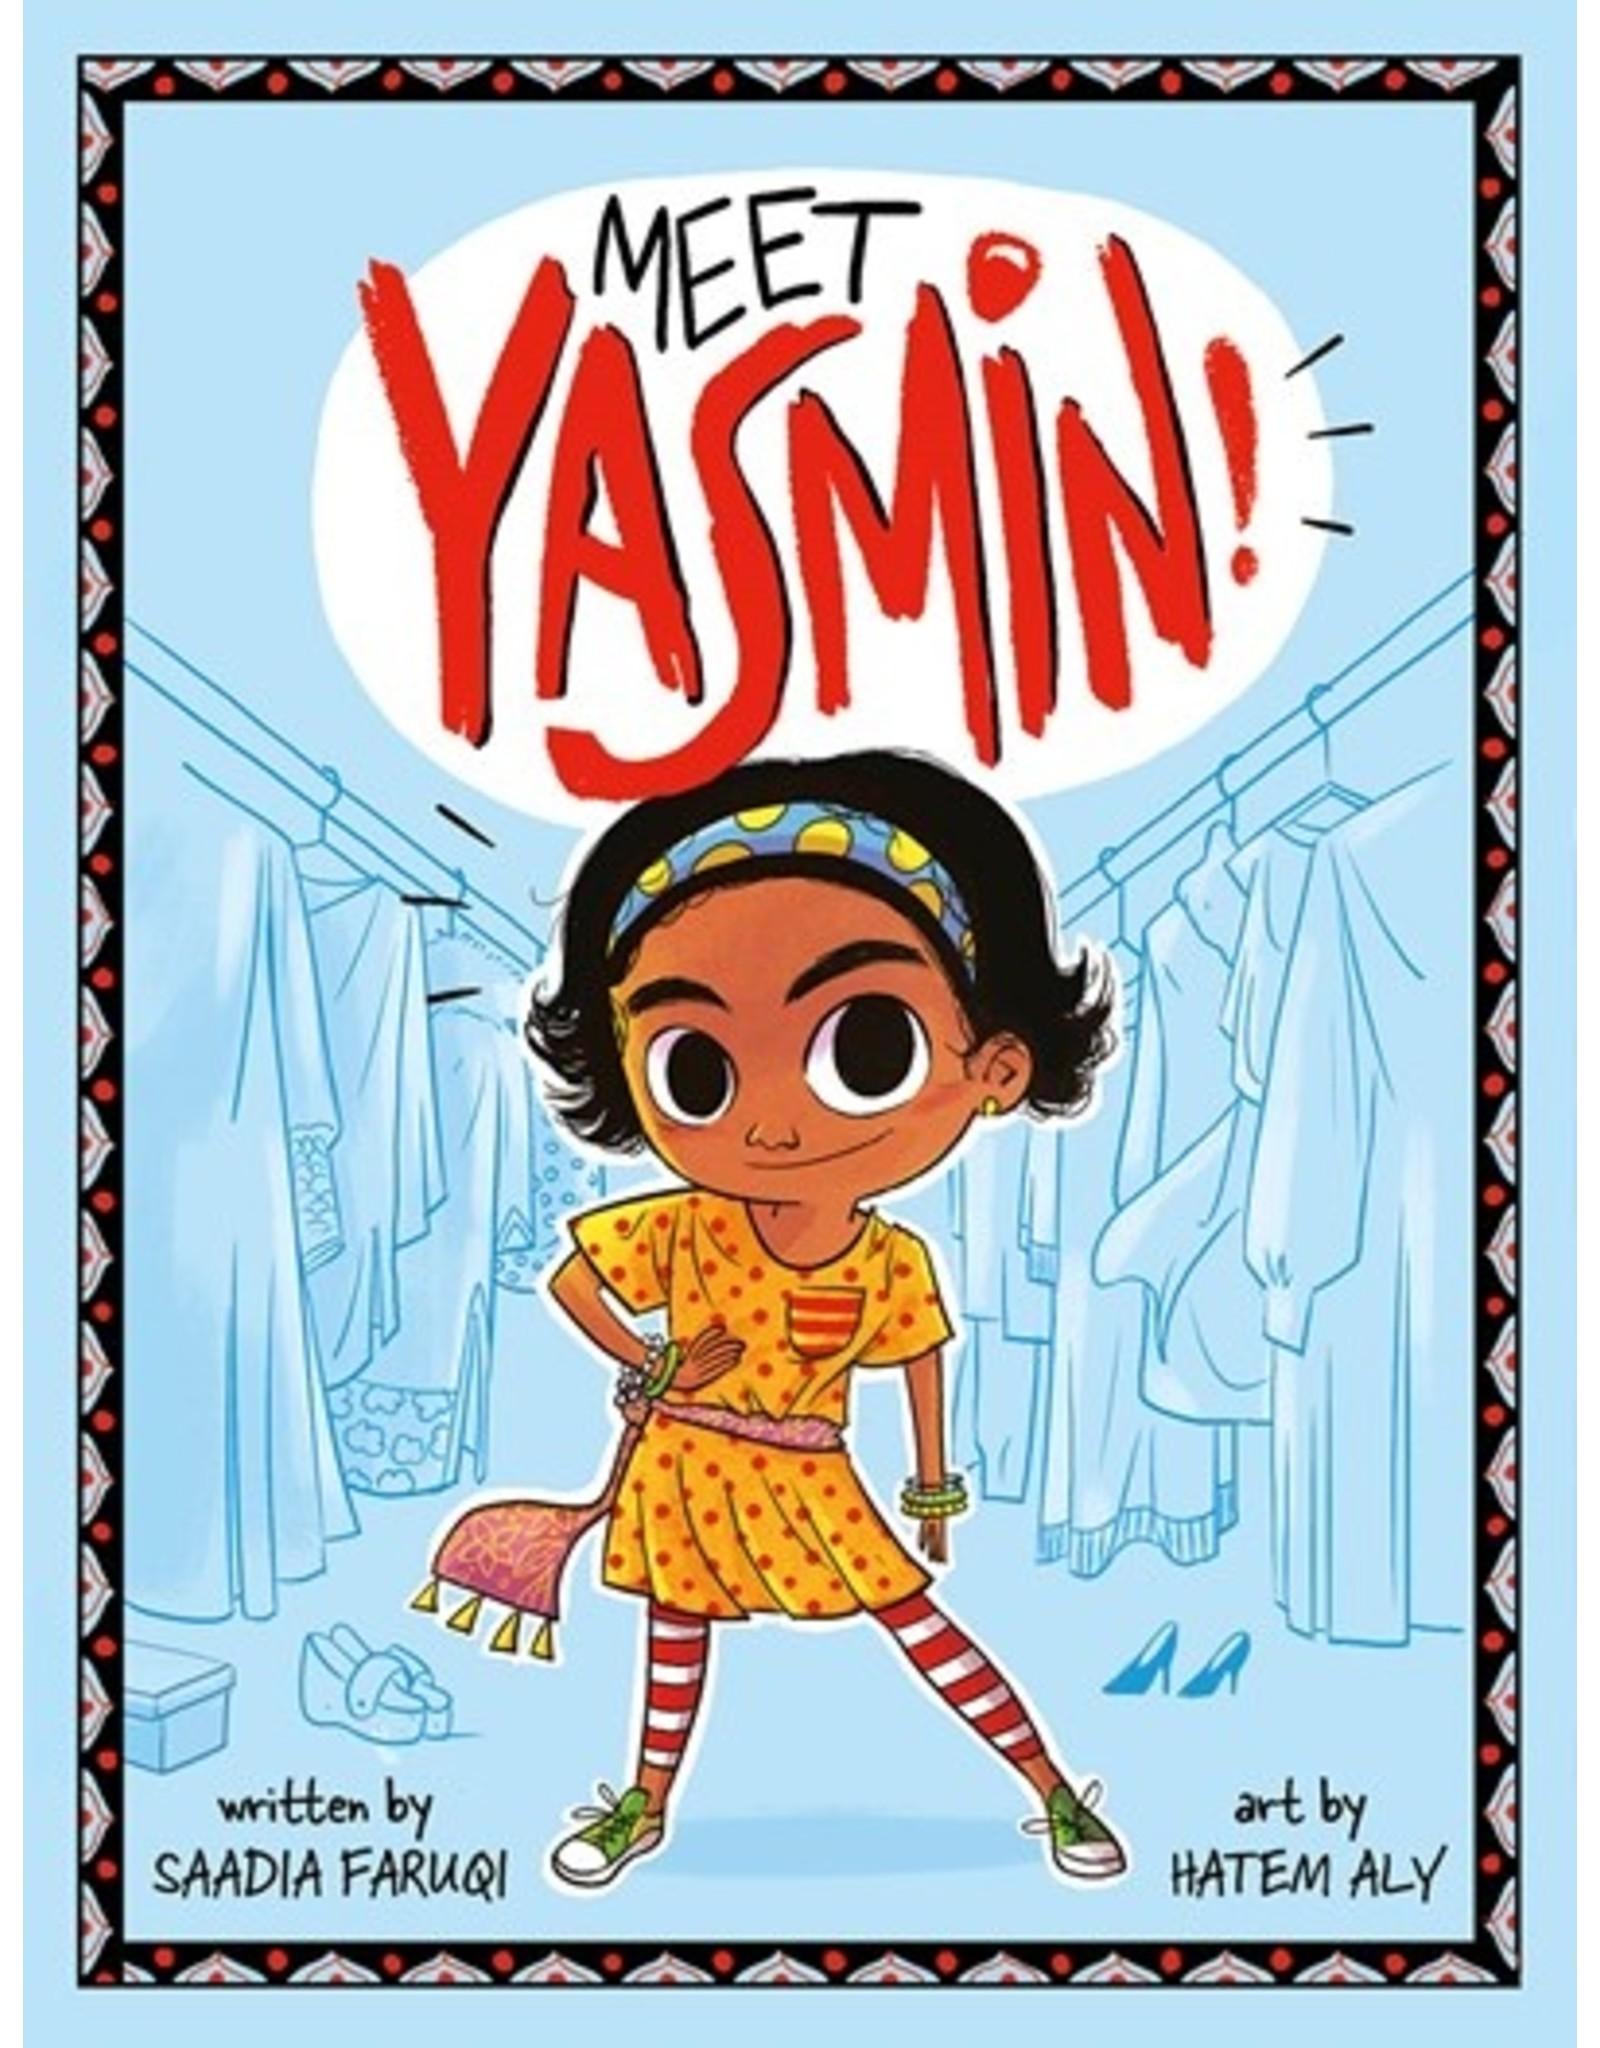 Books Meet Yasmin! by Saadia Faruqi (summerbookclub)